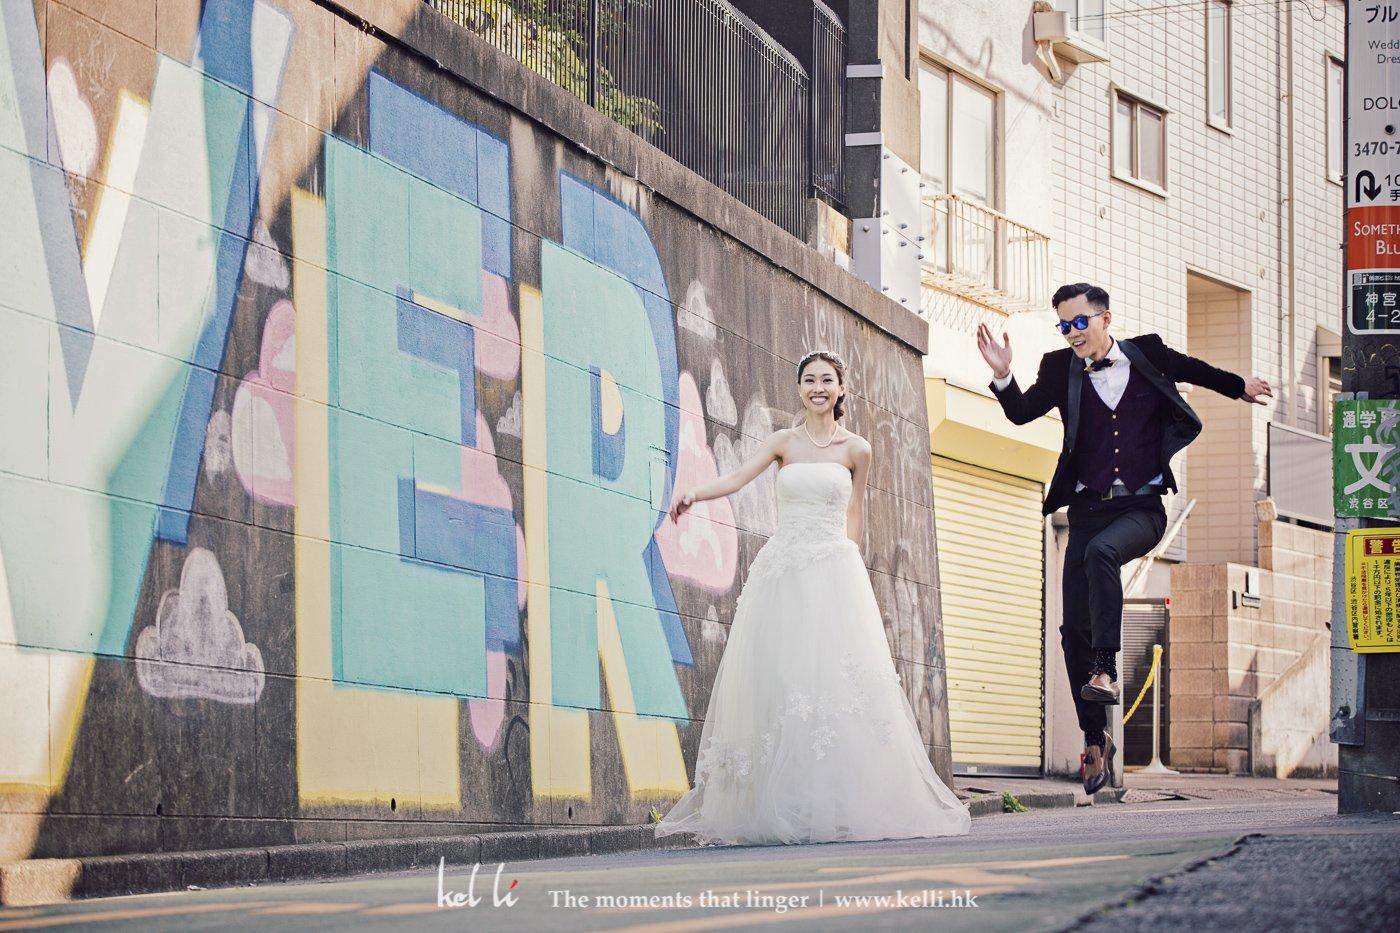 除了型格,我們也很喜歡新人動態自然的一面,這樣的婚紗照才多元化